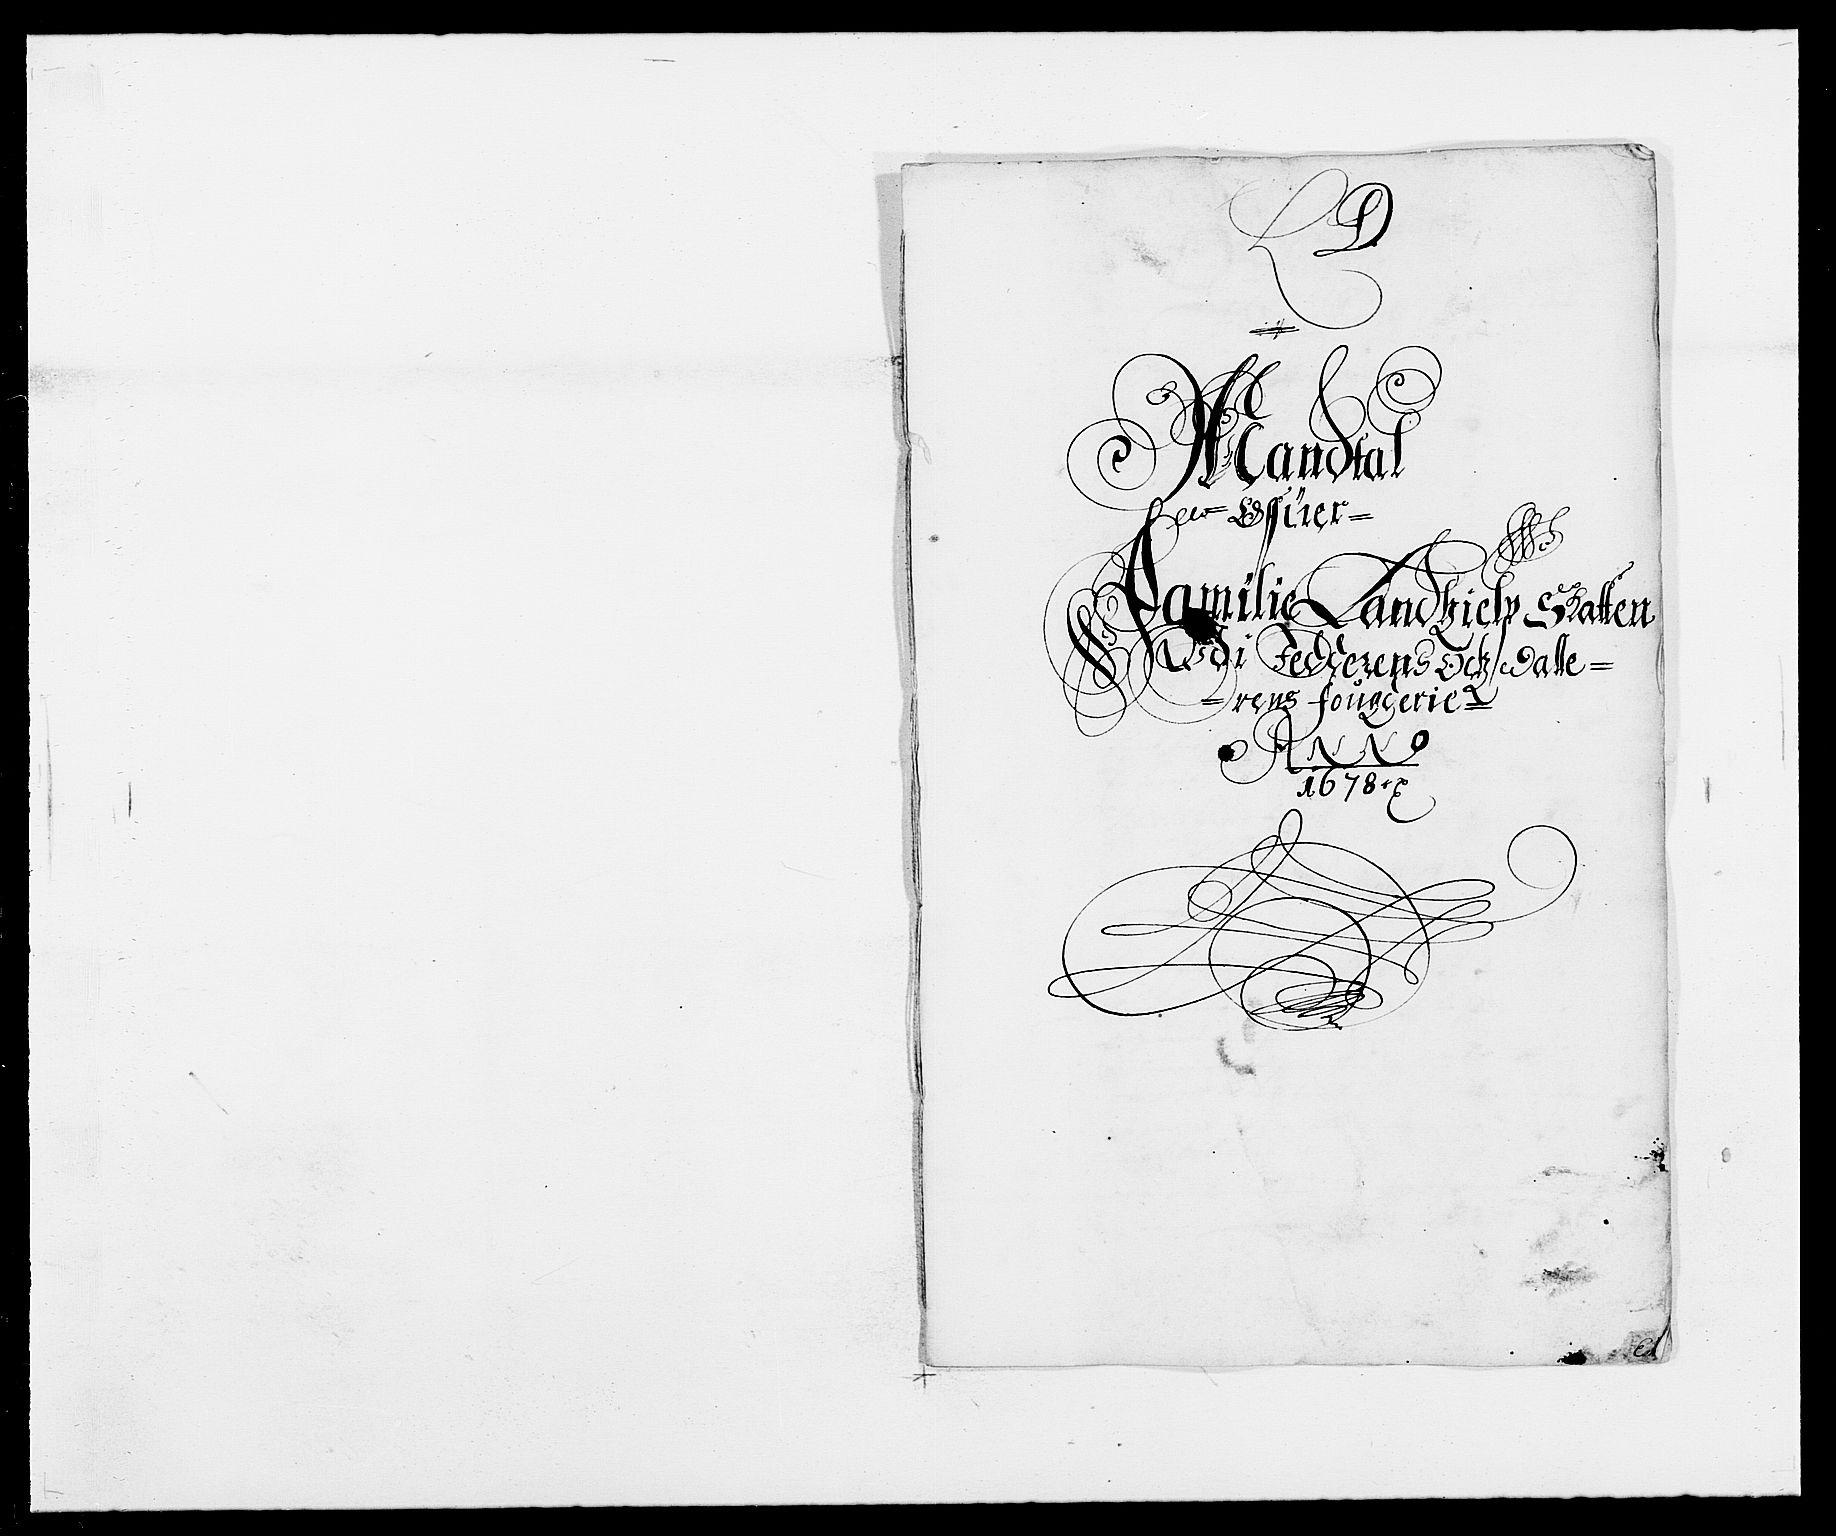 RA, Rentekammeret inntil 1814, Reviderte regnskaper, Fogderegnskap, R46/L2718: Fogderegnskap Jæren og Dalane, 1678, s. 132